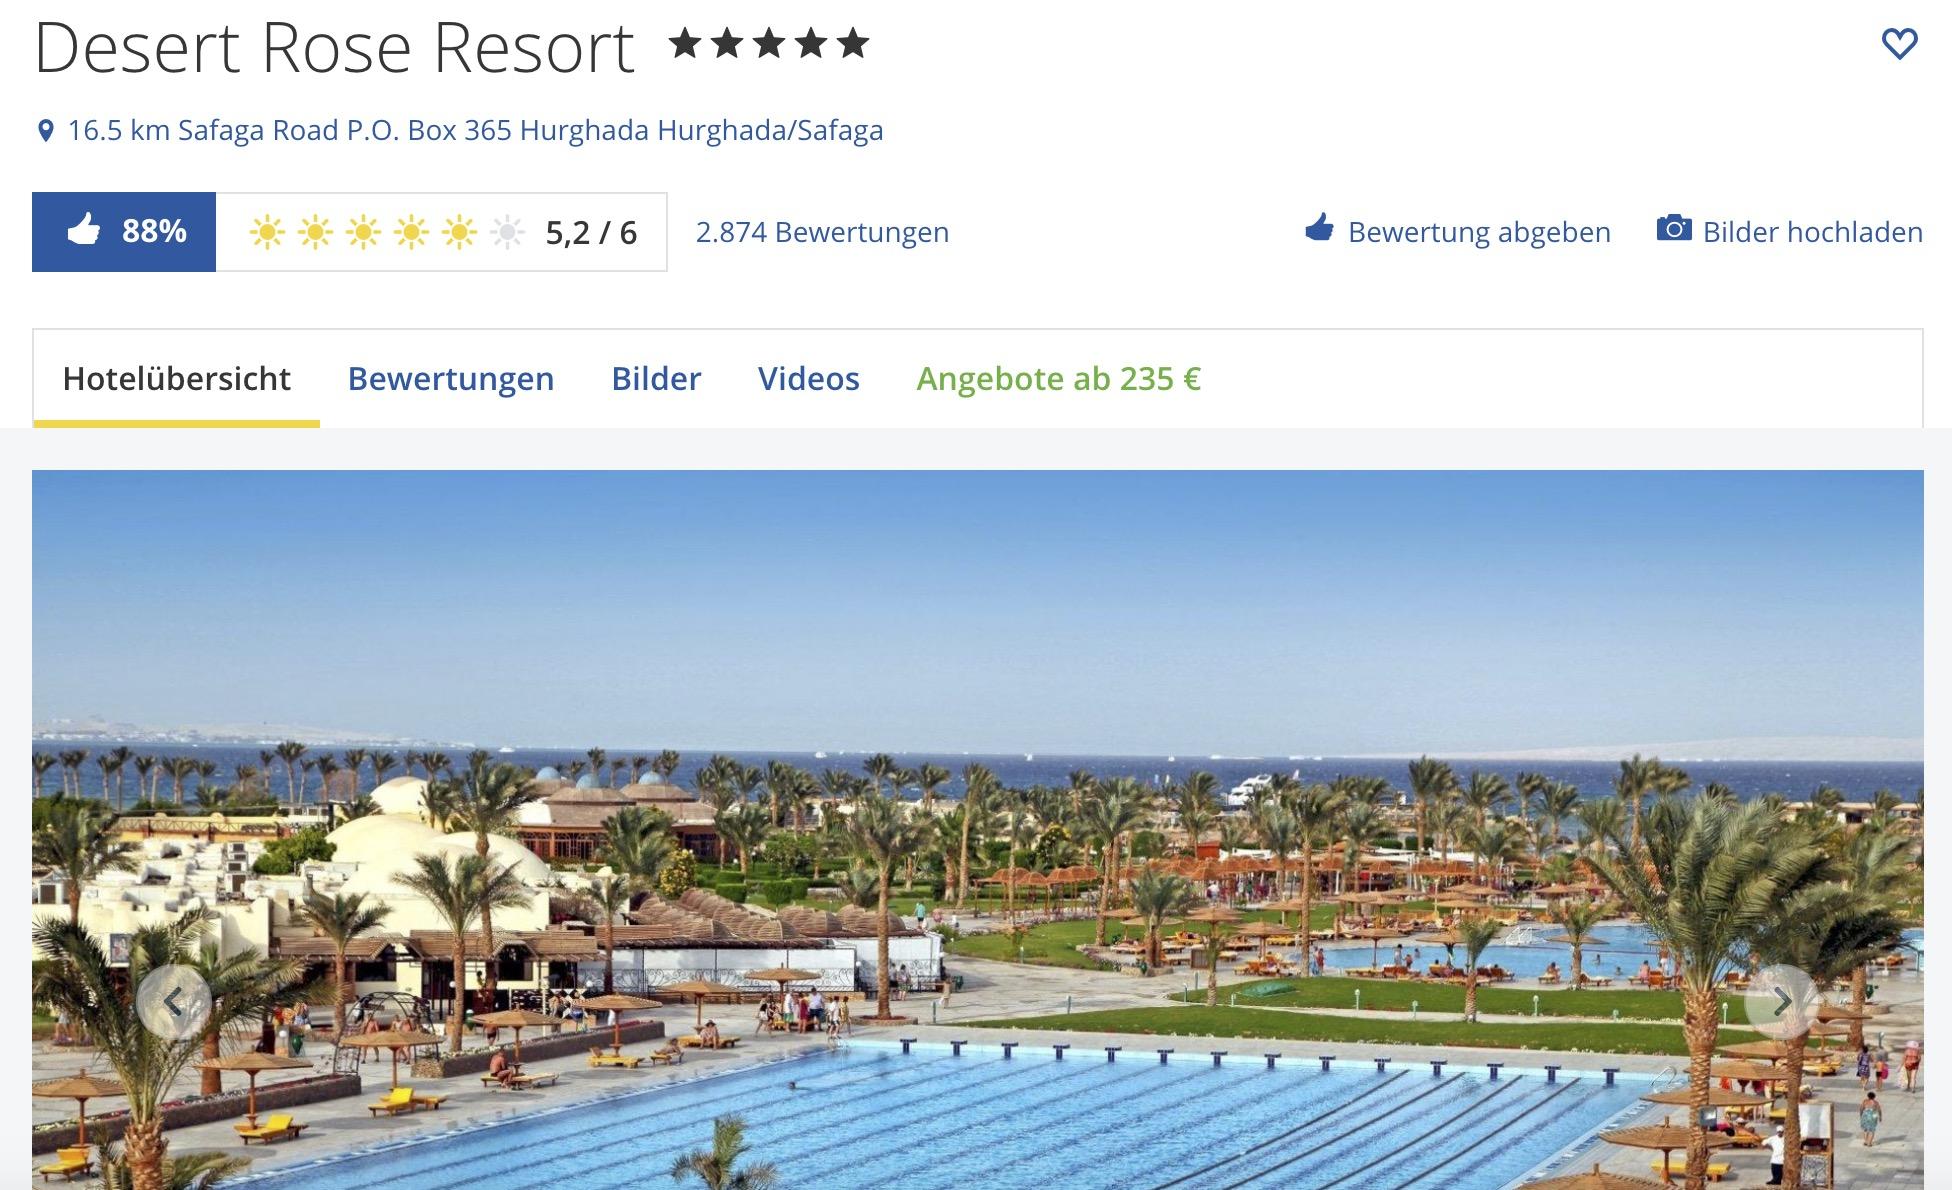 Desert Rose Hurghada Luxus Und Entspannung In Agypten Reiserodeo